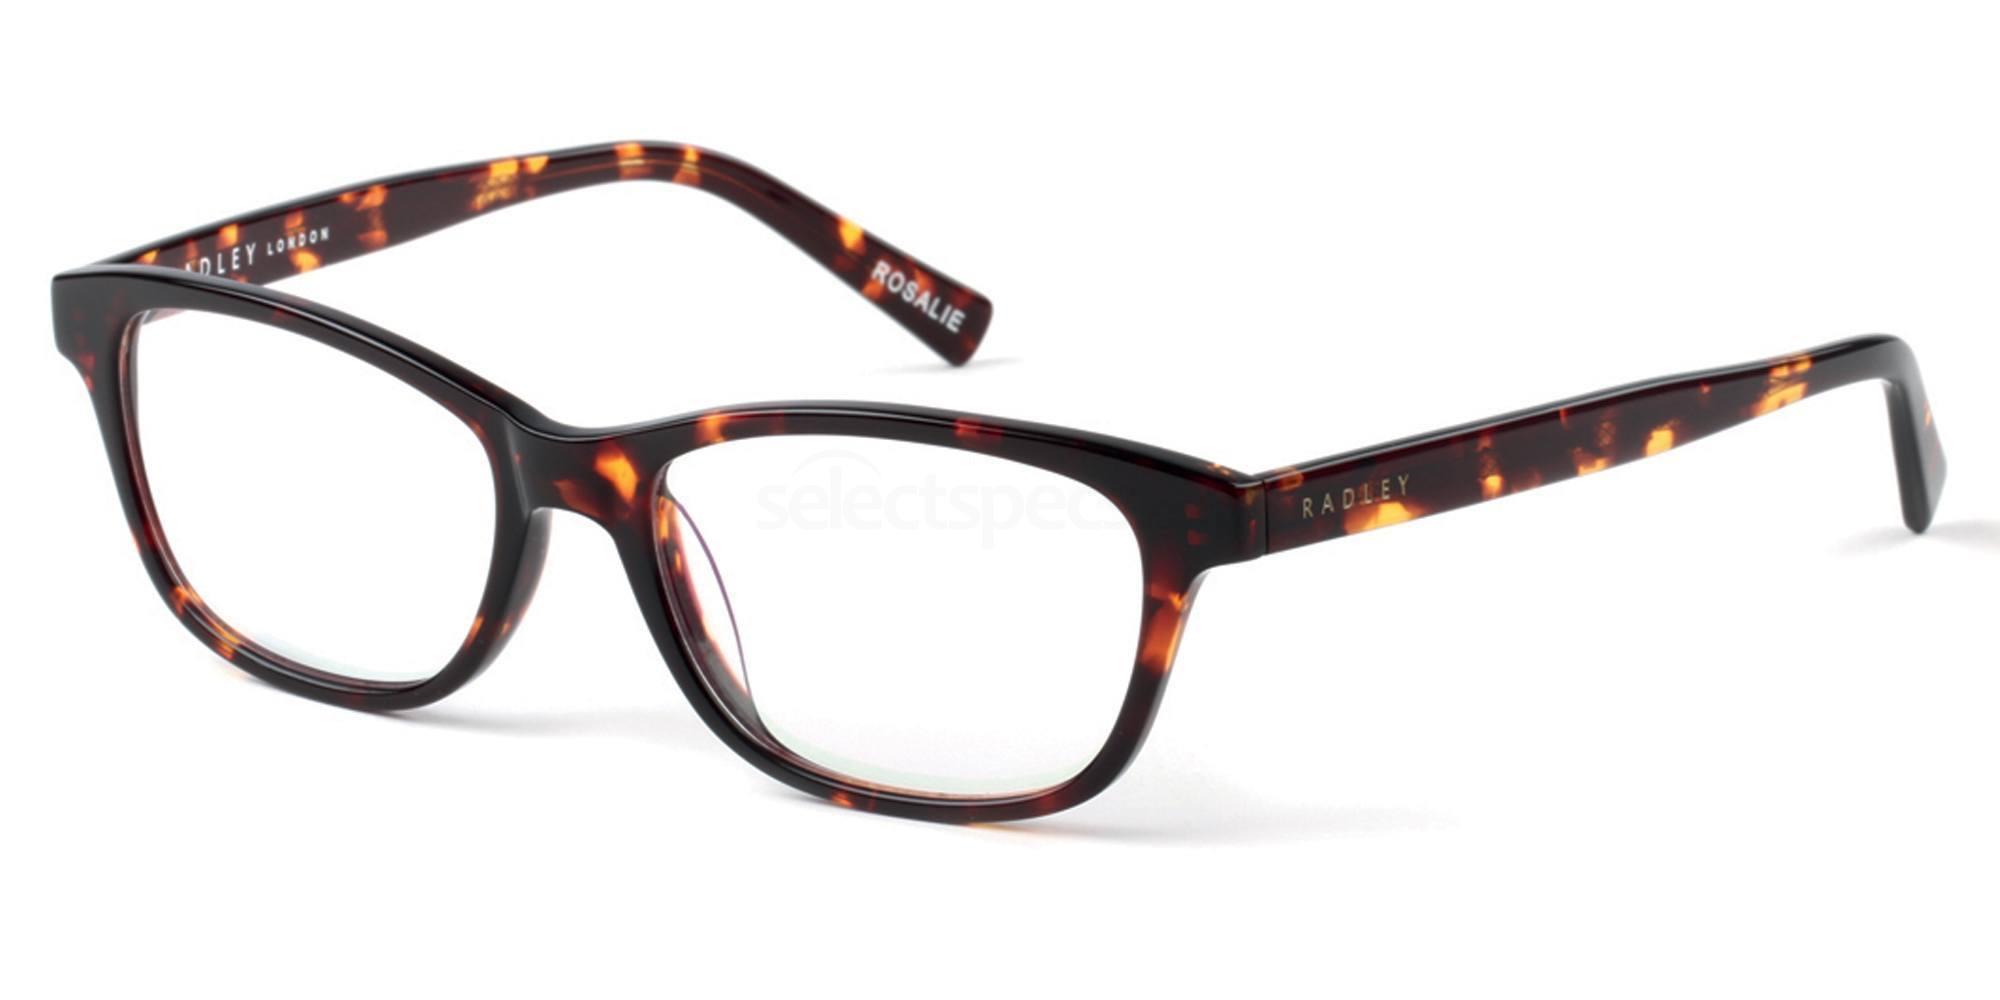 102 RDO-ROSALIE Glasses, Radley London